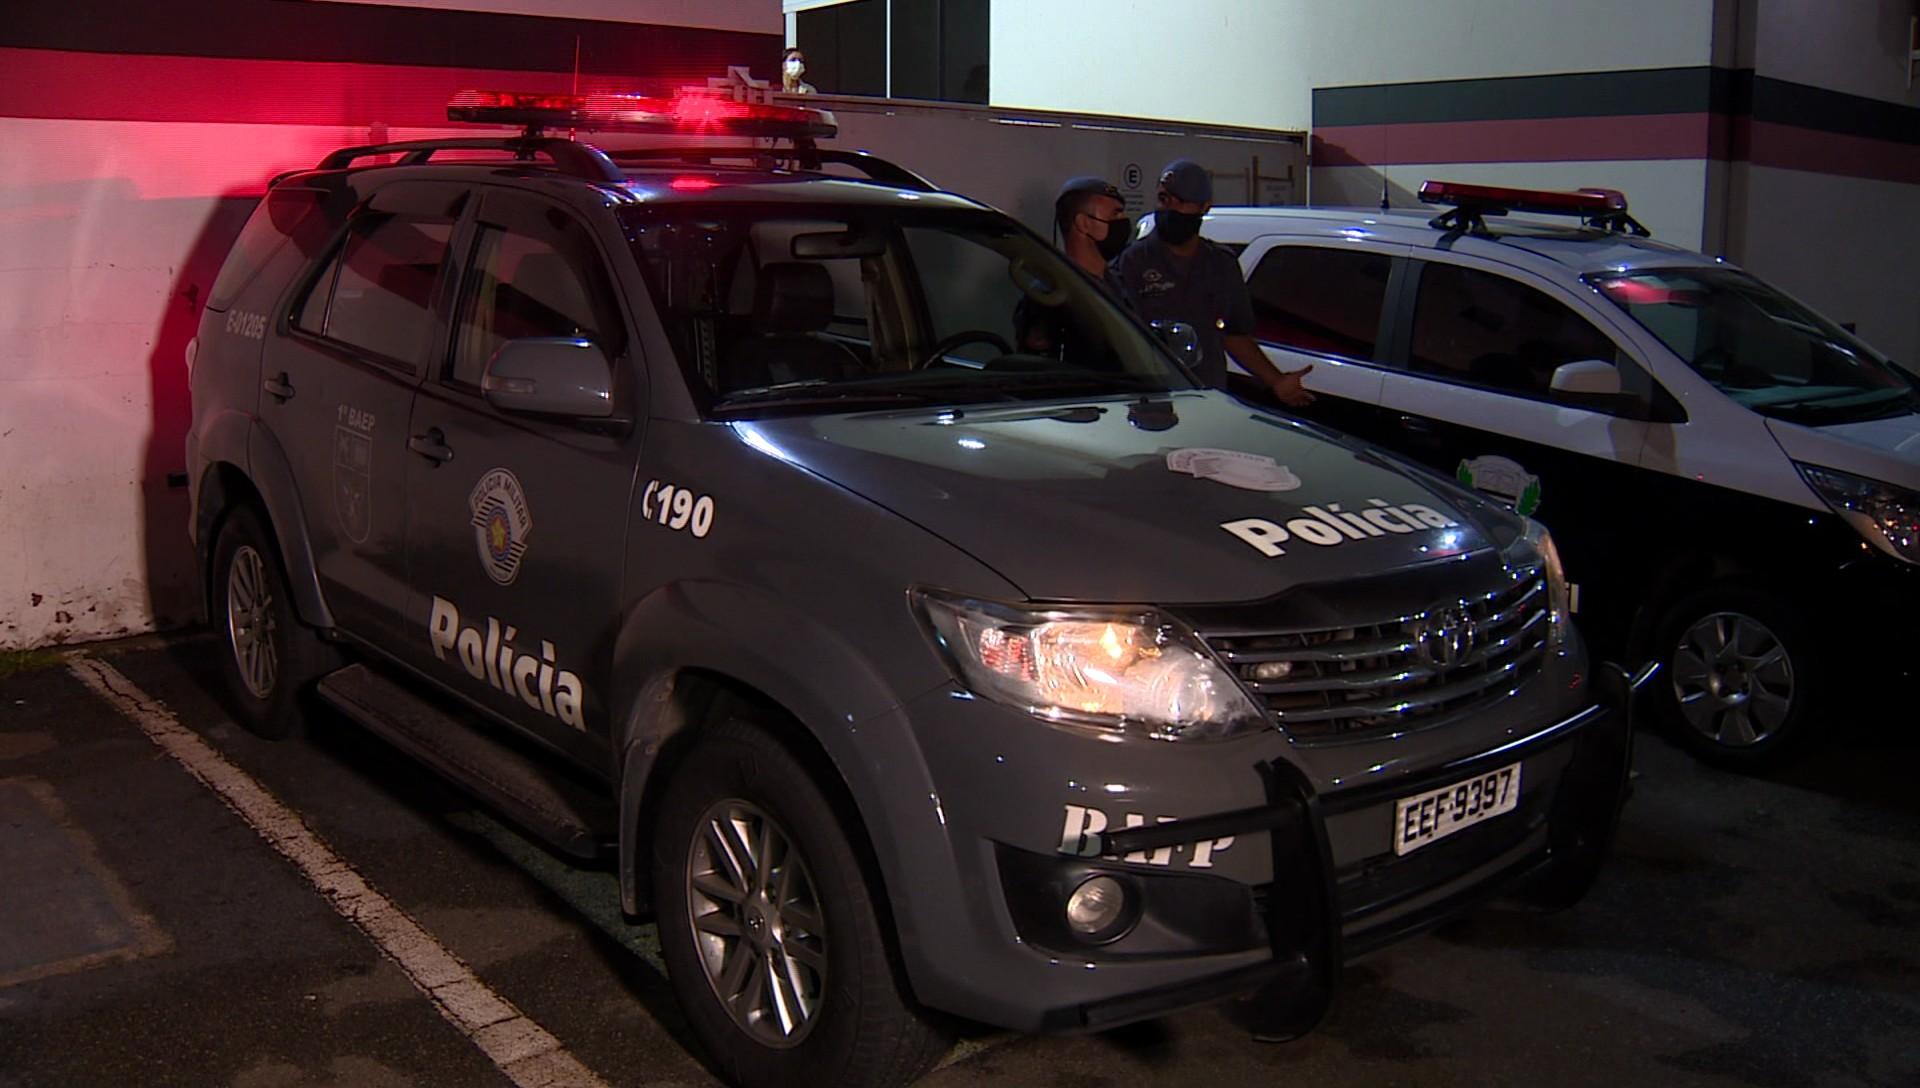 Suspeito de assaltar depósito de gás e de ameaçar colocar fogo em vítimas é preso em Campinas